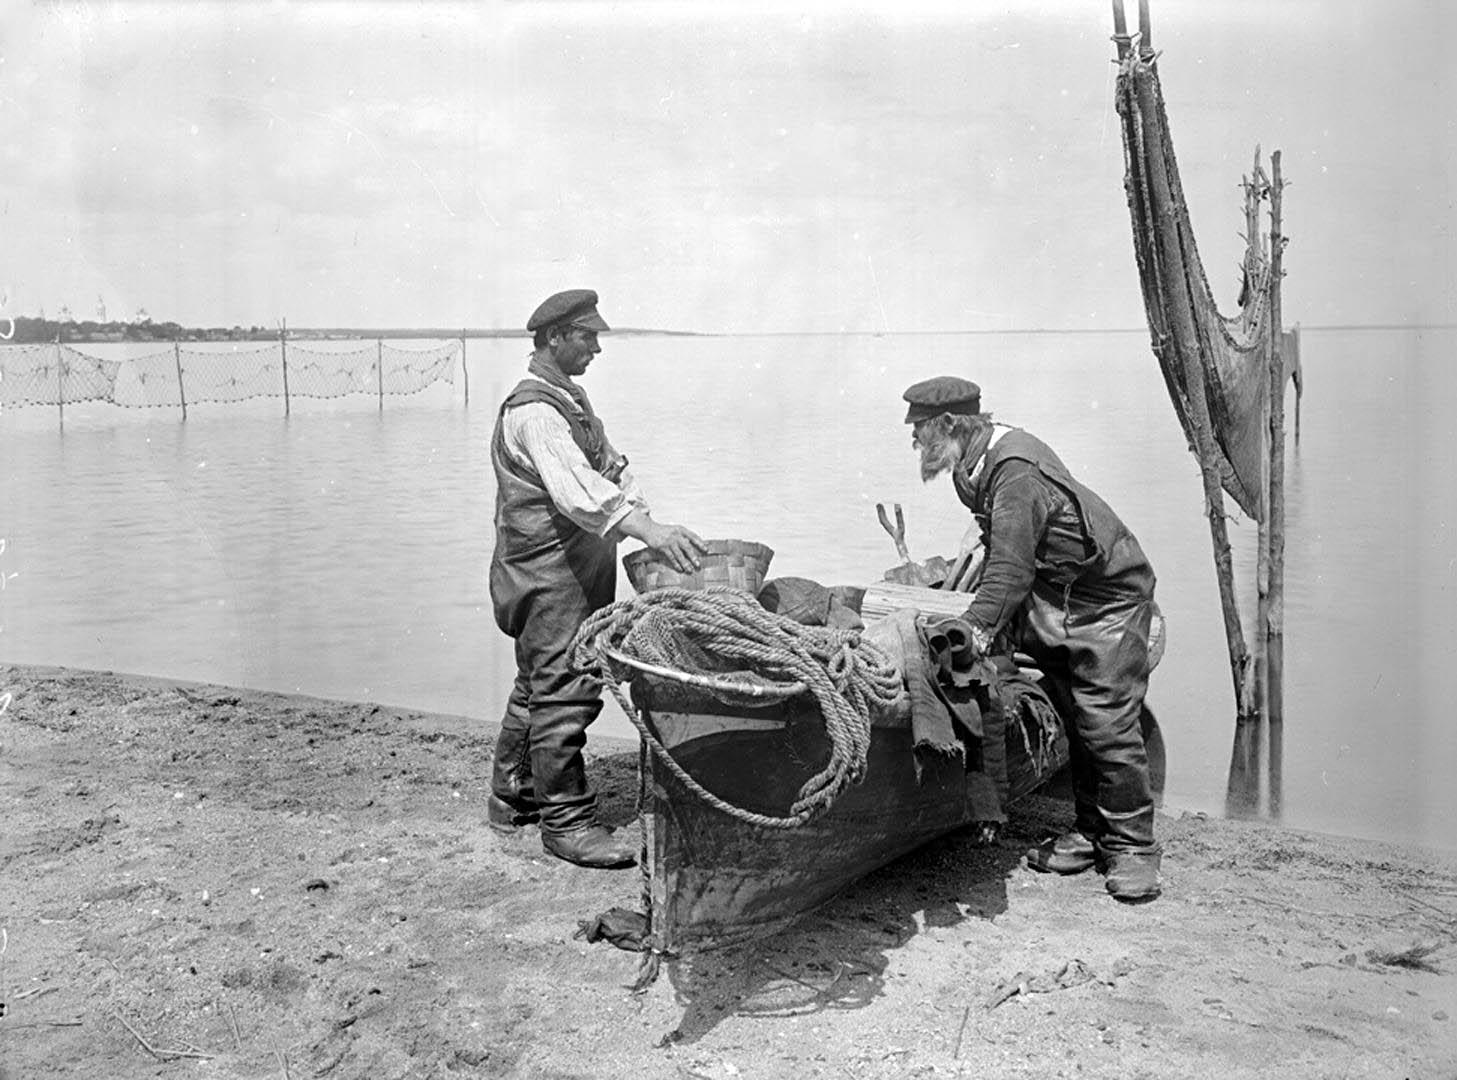 86Осташковские рыболовы. 1903 г. г. Осташков, Тверская губерния